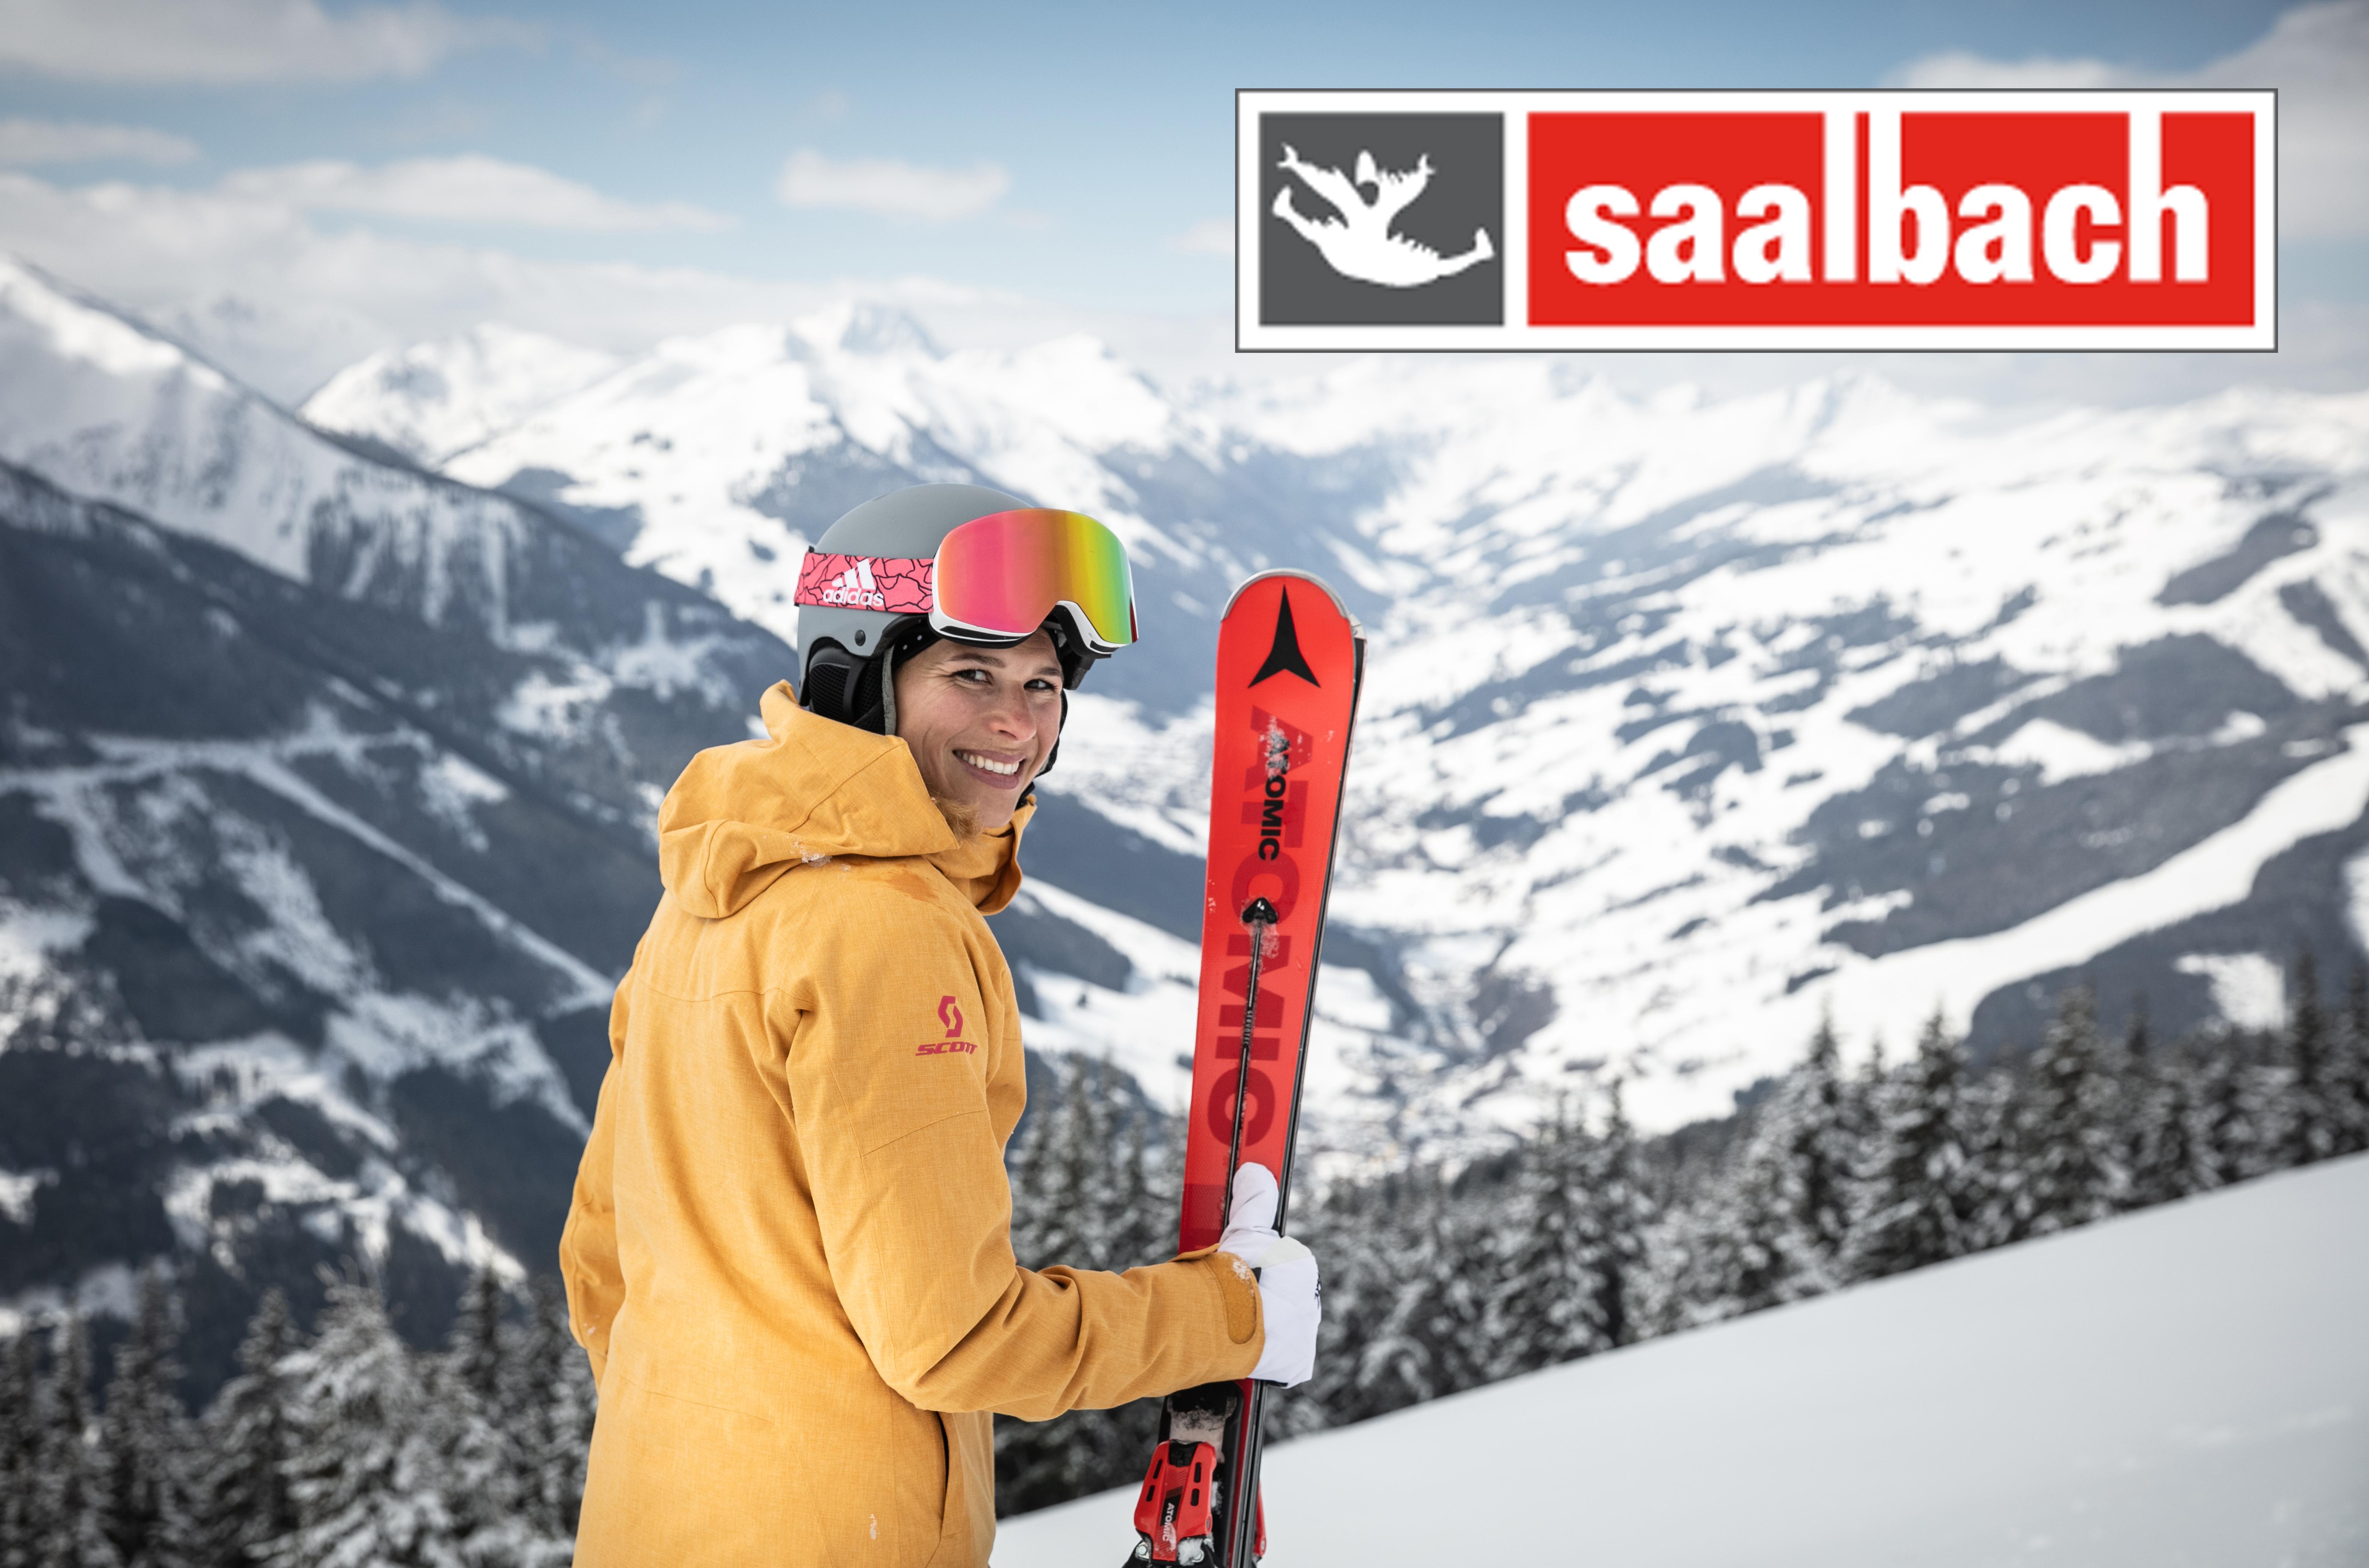 Skicircus Saalbach